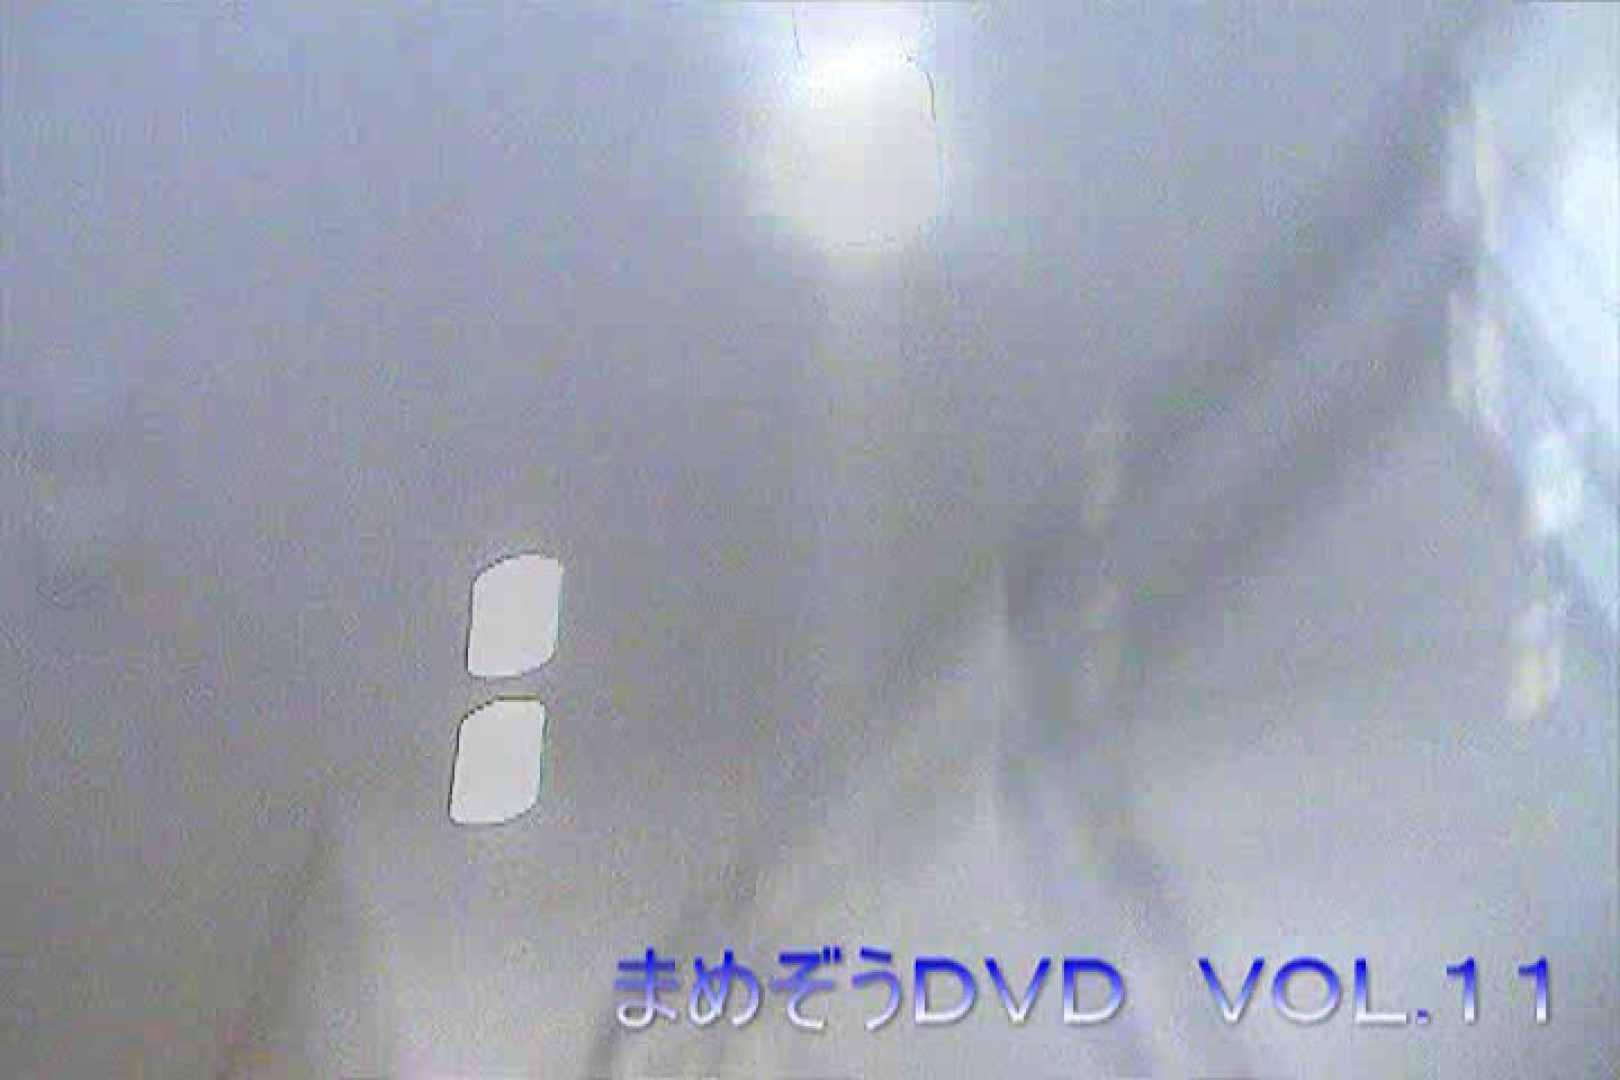 まめぞうDVD完全版VOL.11 ギャル  57pic 6